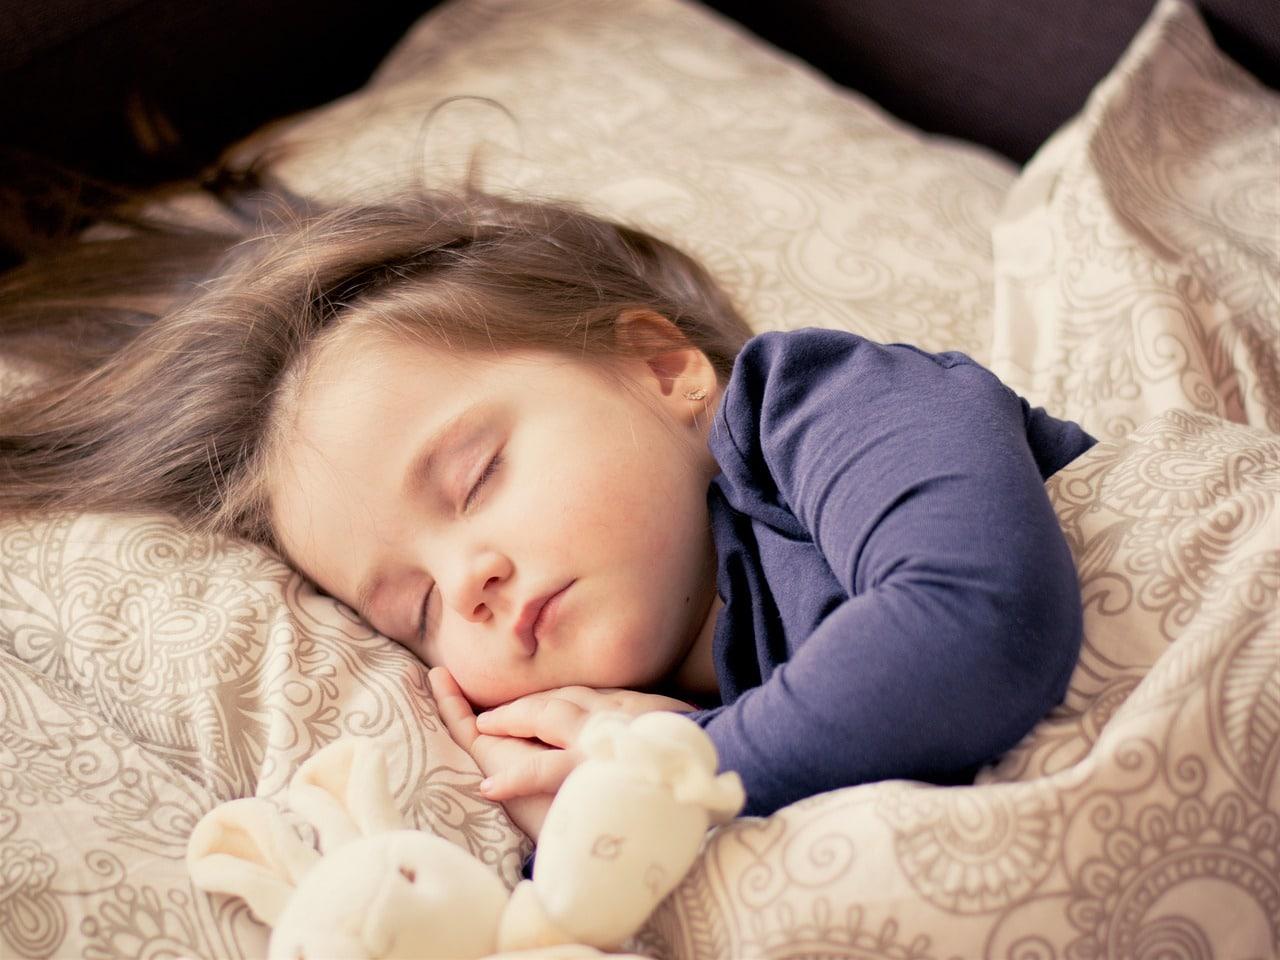 Les urgences pédiatriques ne sont plus atteignables